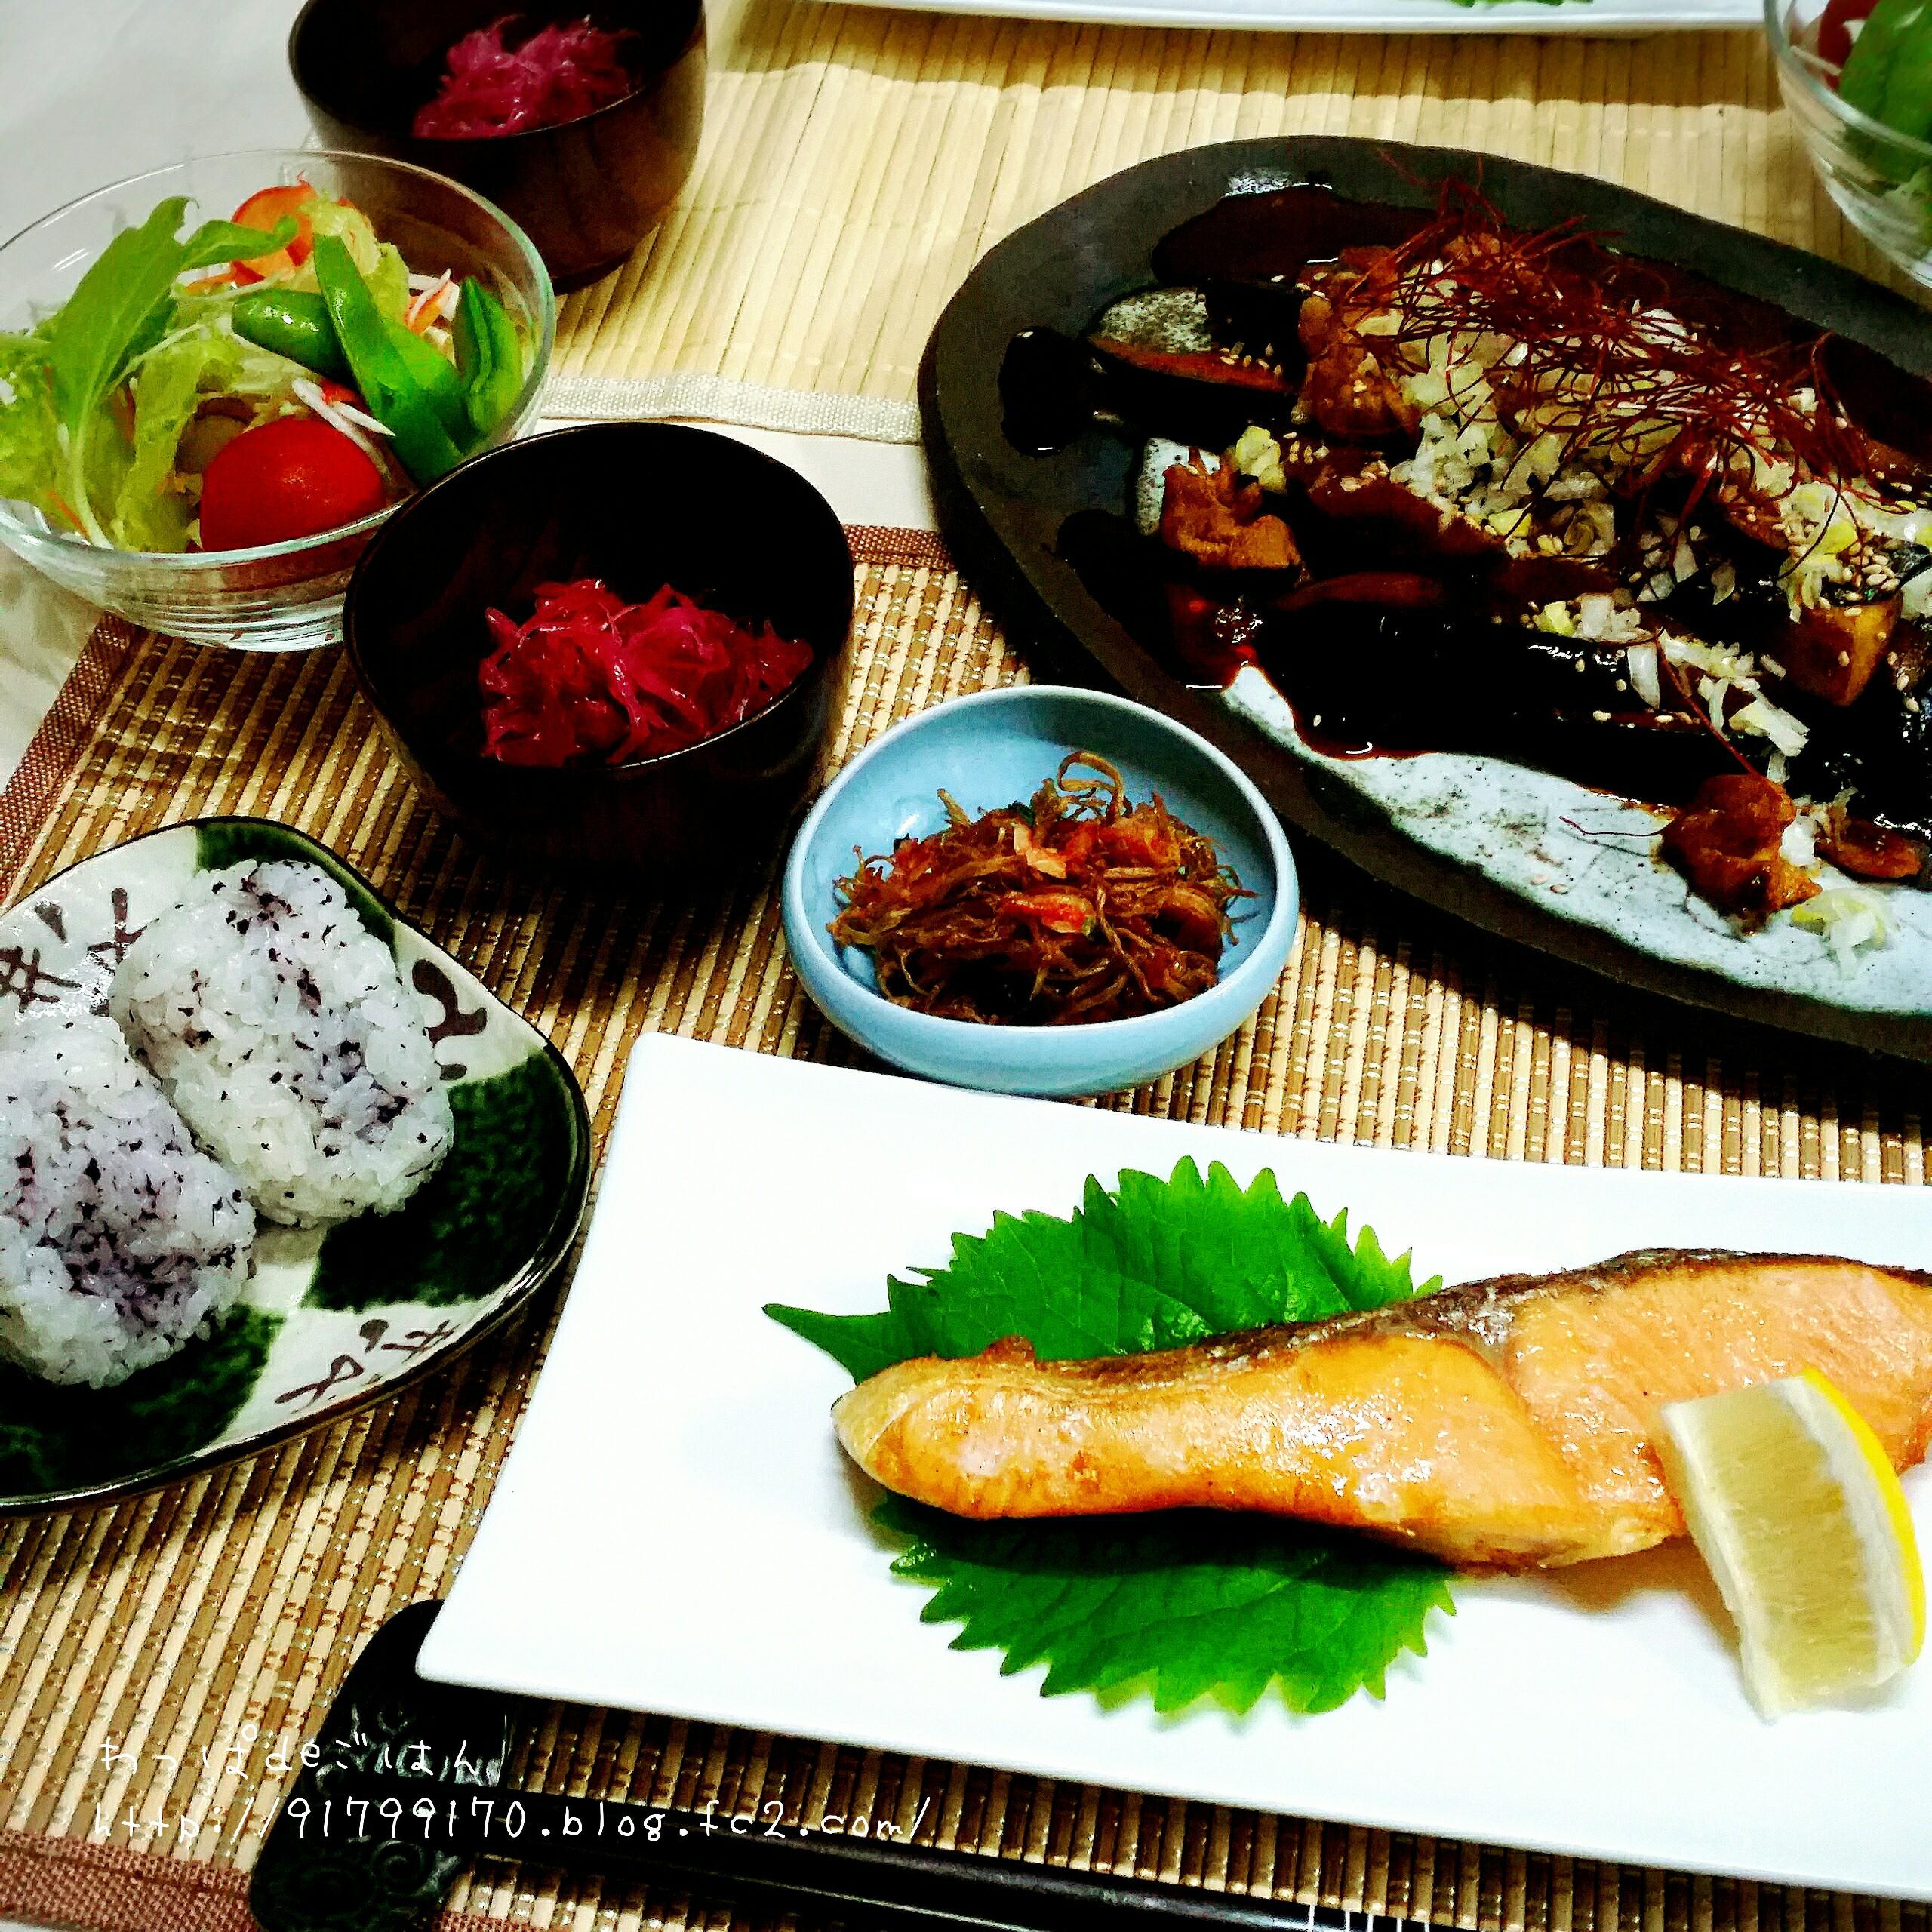 鮭の塩焼きと茄子の甘味噌炒めの晩ごはん